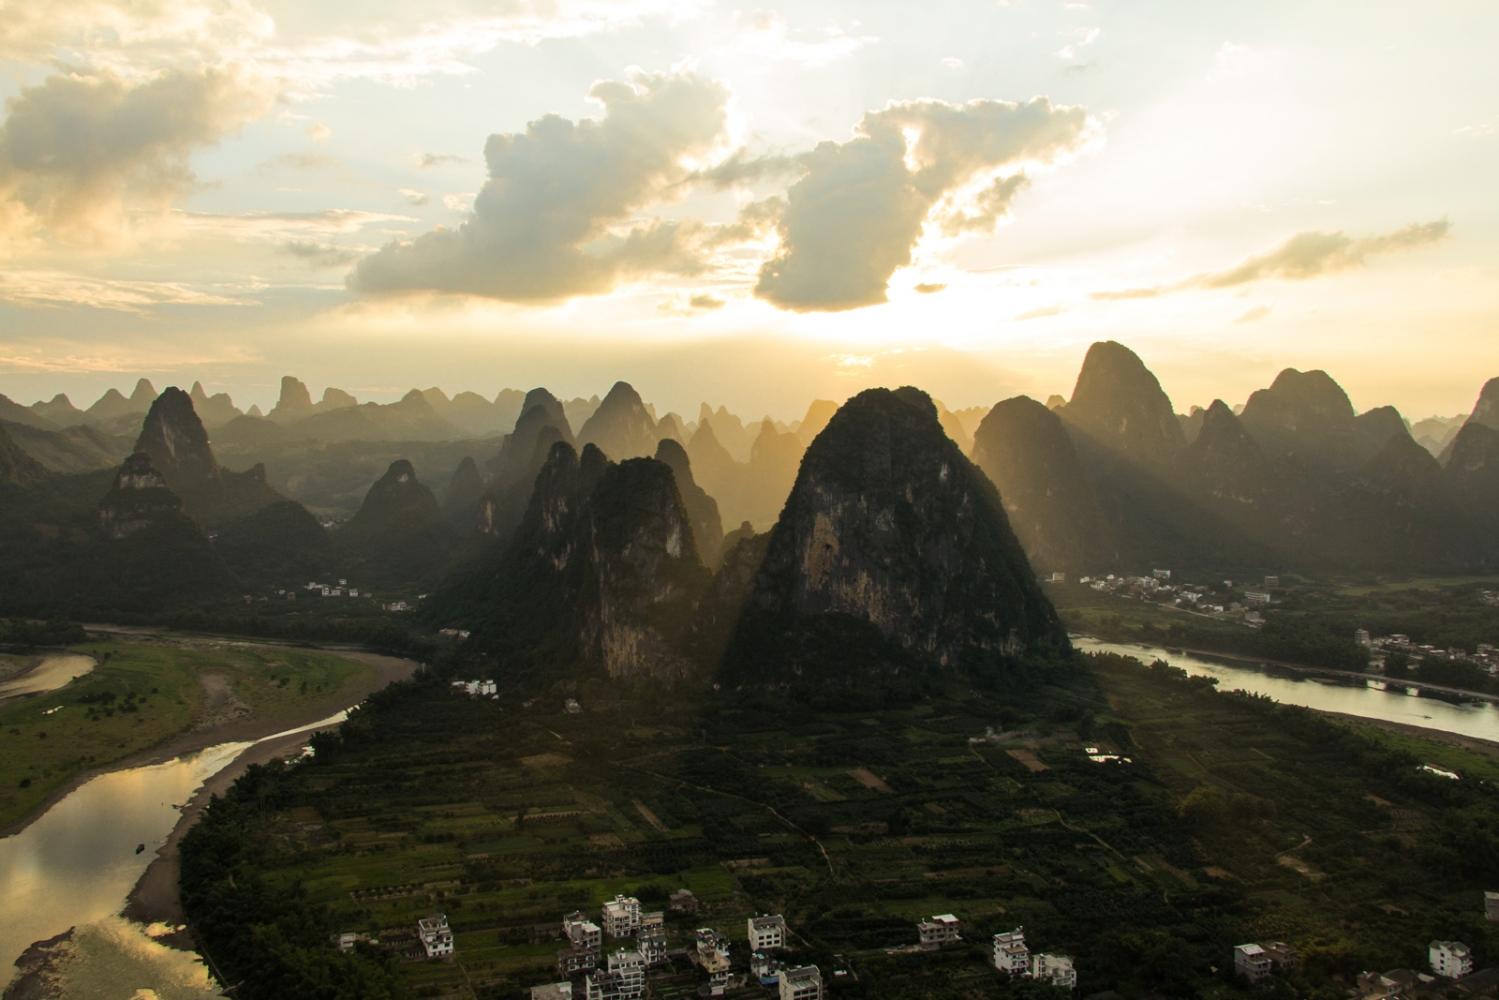 Guangxi province, China.